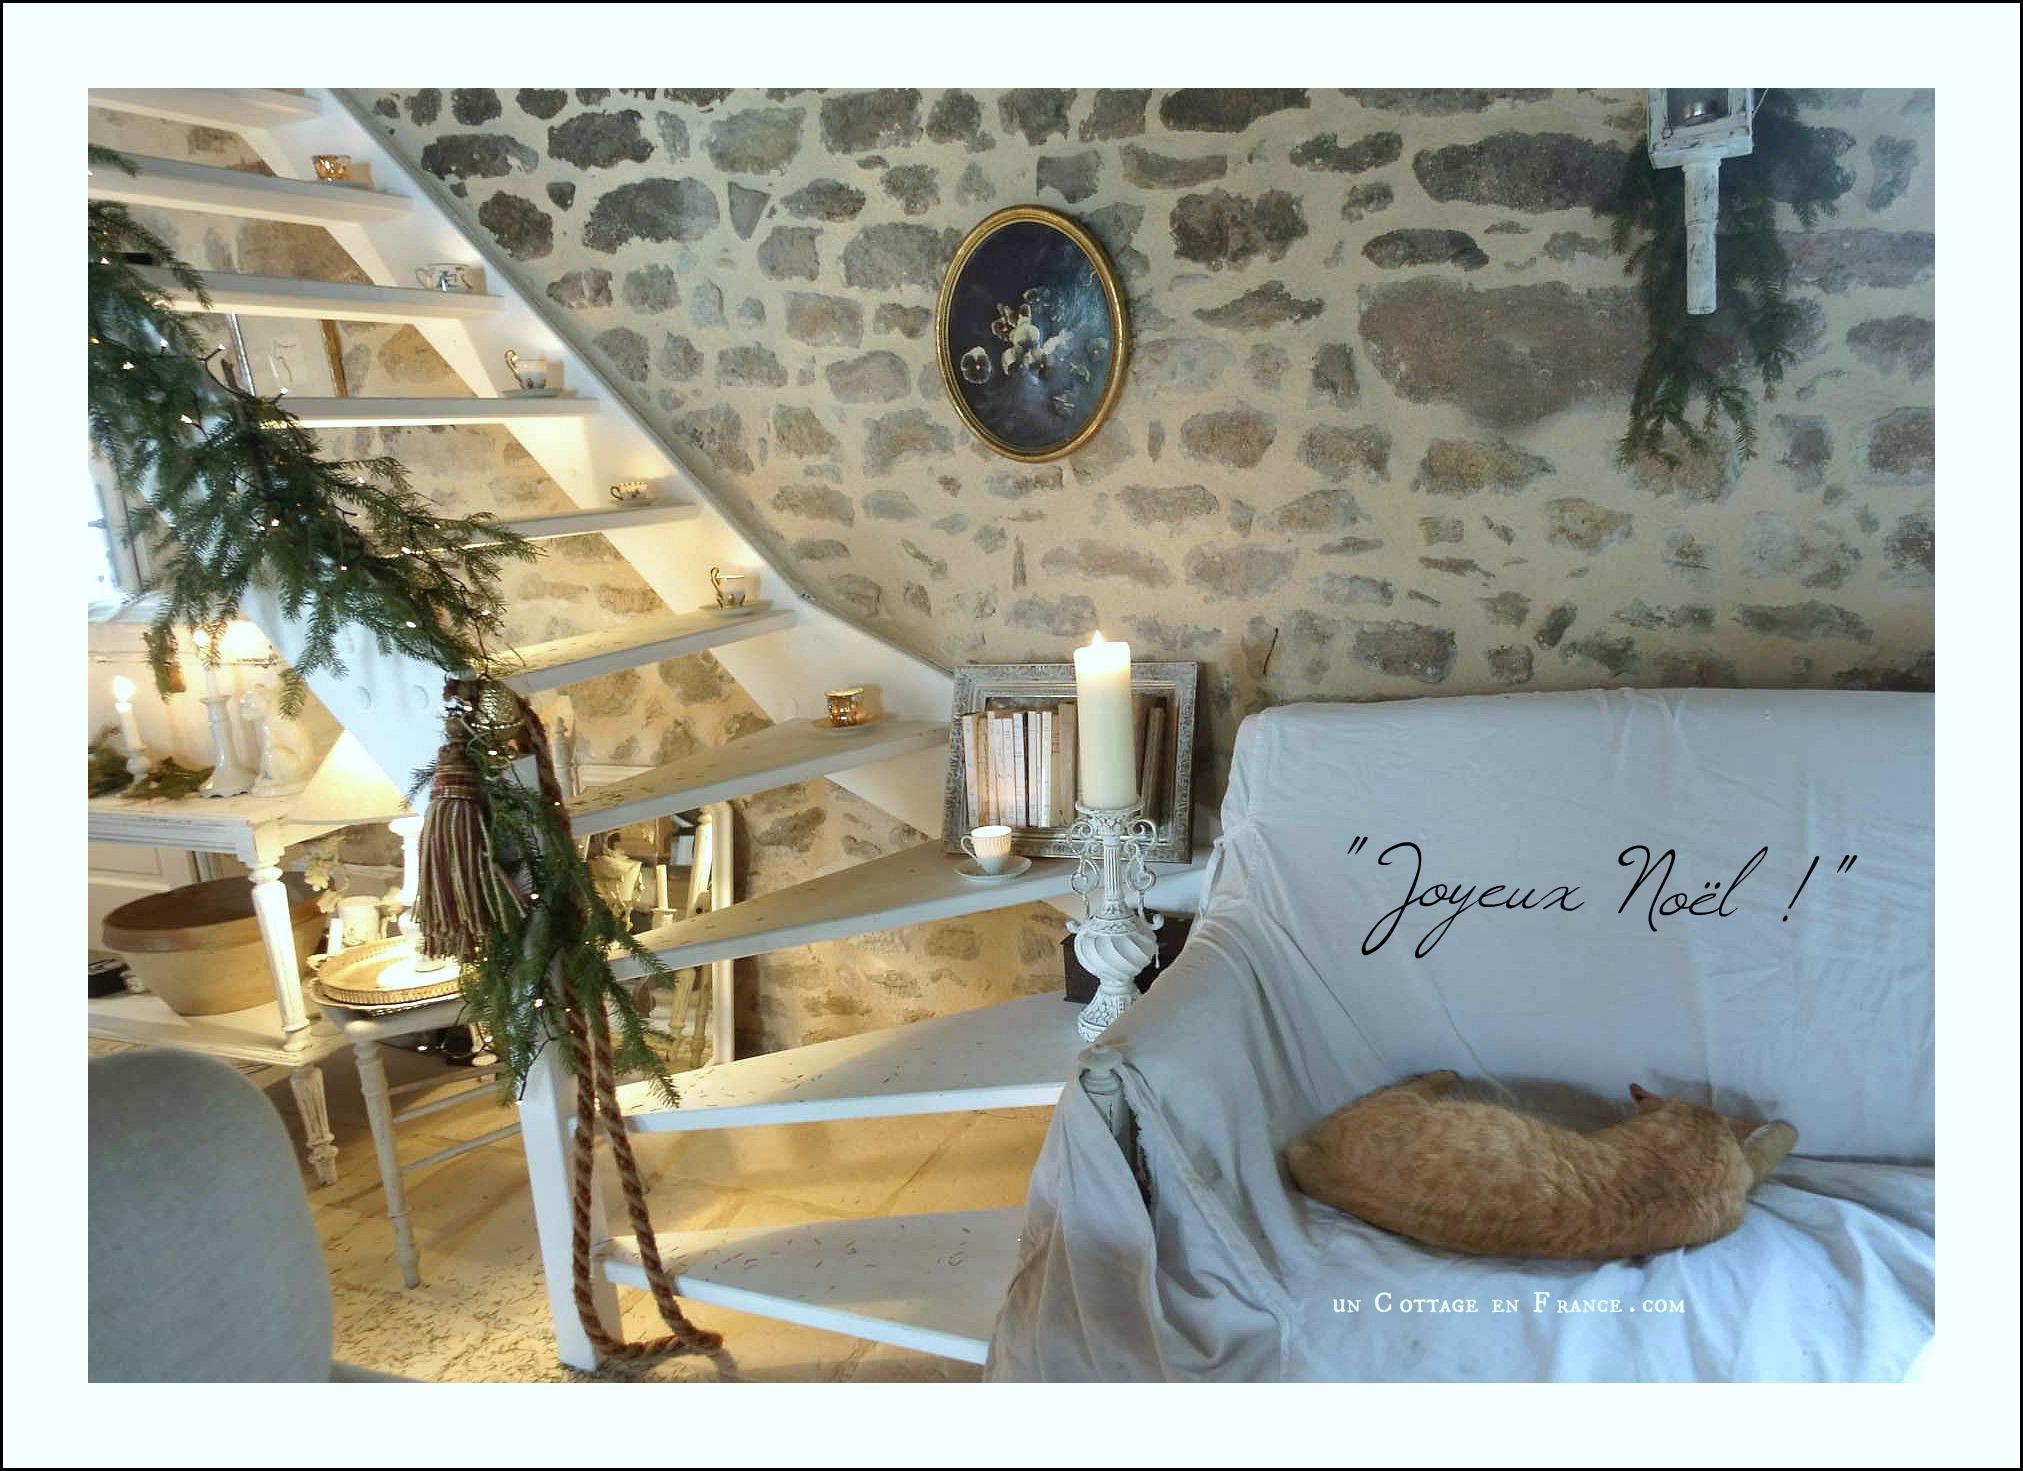 Decor de Noel cottage Un Cottage en France 51j